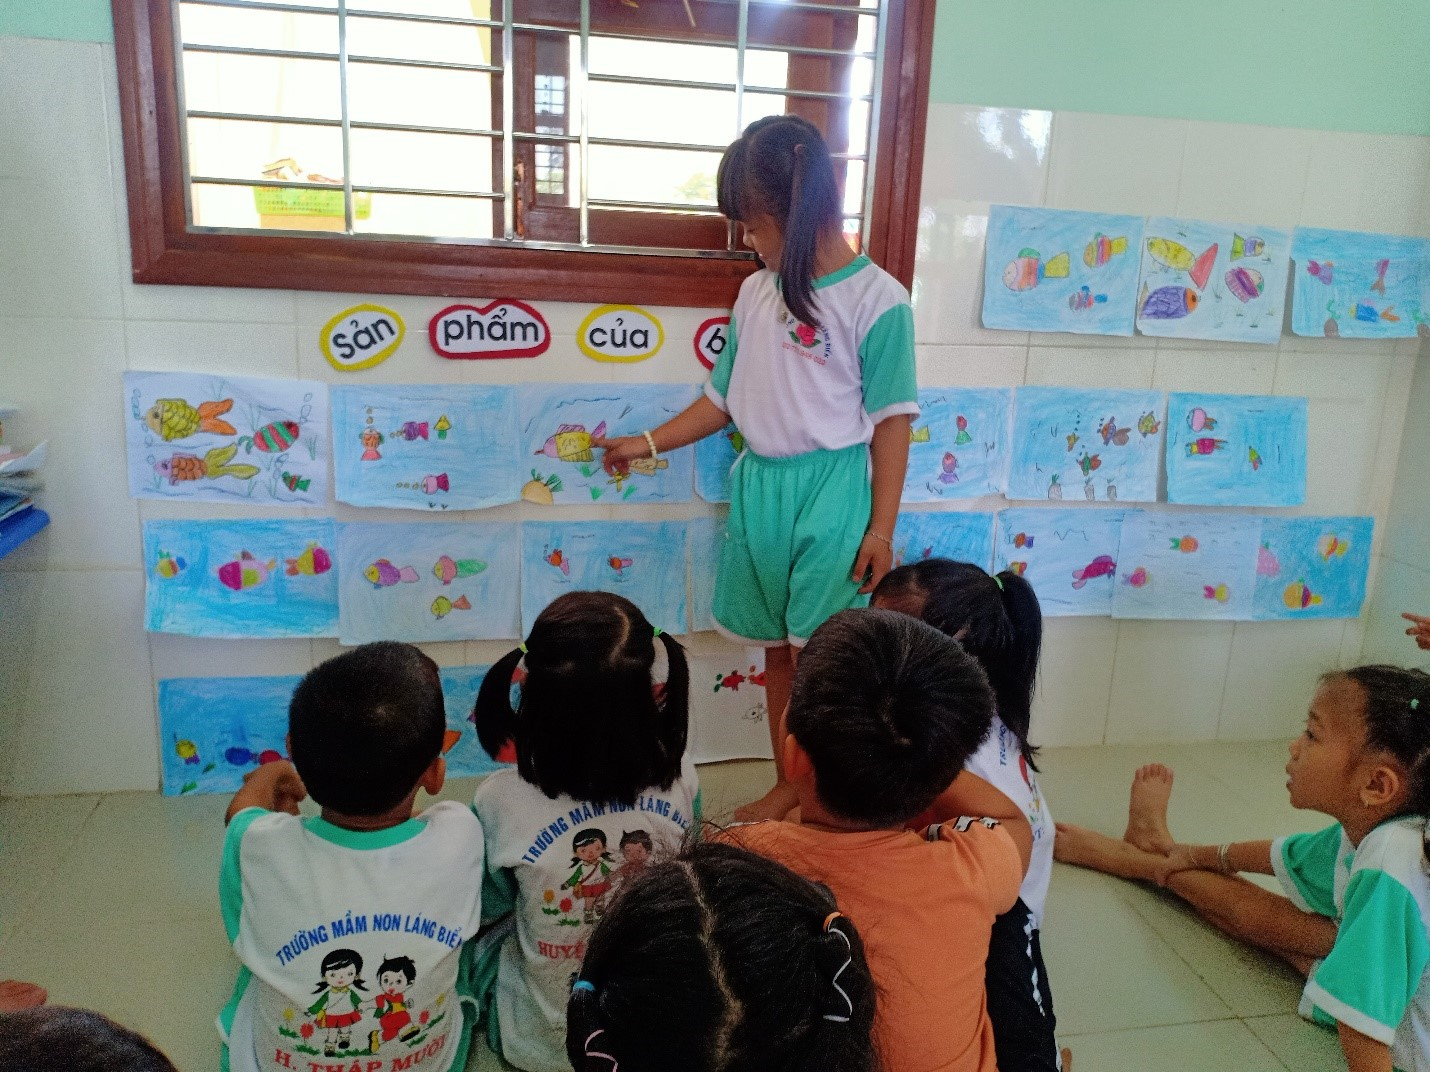 Cho trẻ nói lên ý tưởng của mình thông quả sản phẩm của mình và bạn